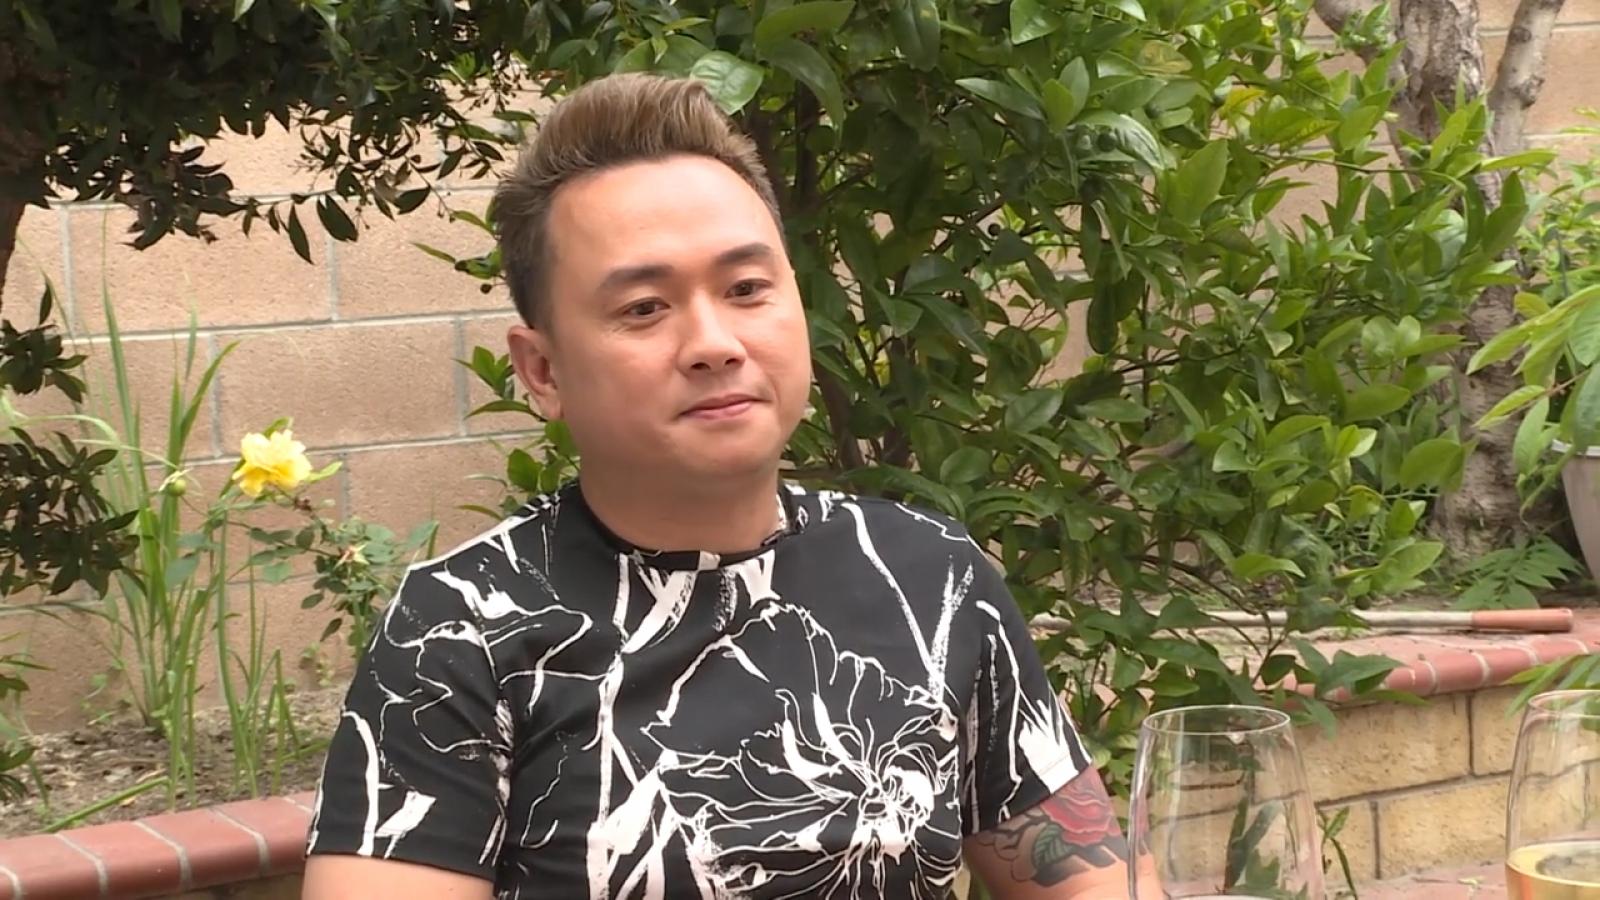 Cuộc sống của Hàn Thái Tú tại Mỹ: Khó khăn nhưng vẫn vững ý chí gây dựng sự nghiệp